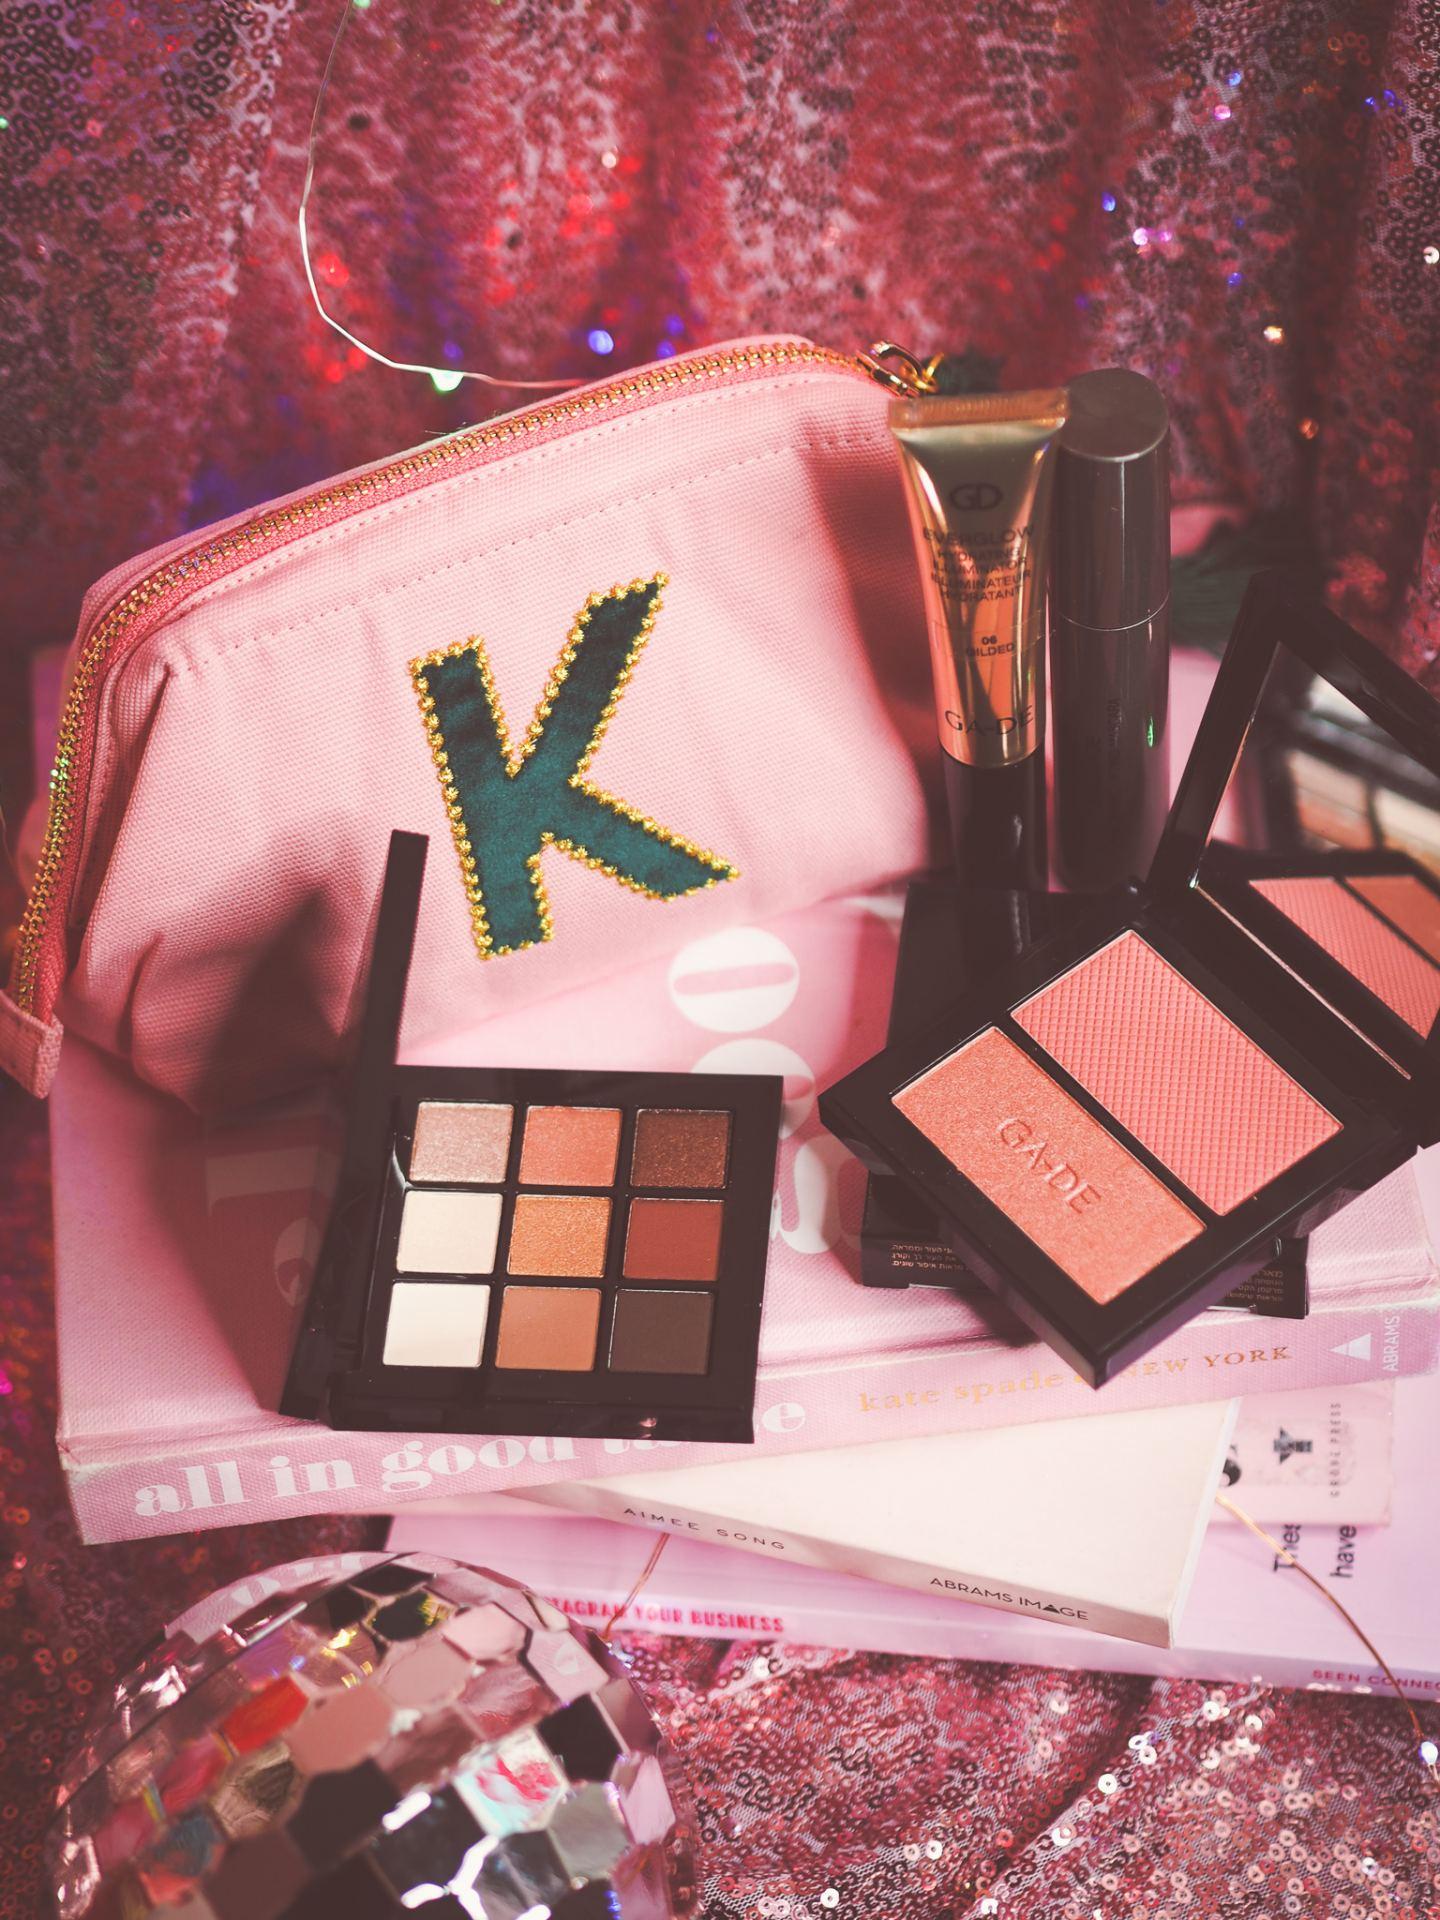 Oliver Bonas Make-up Bag & Make Up Treats